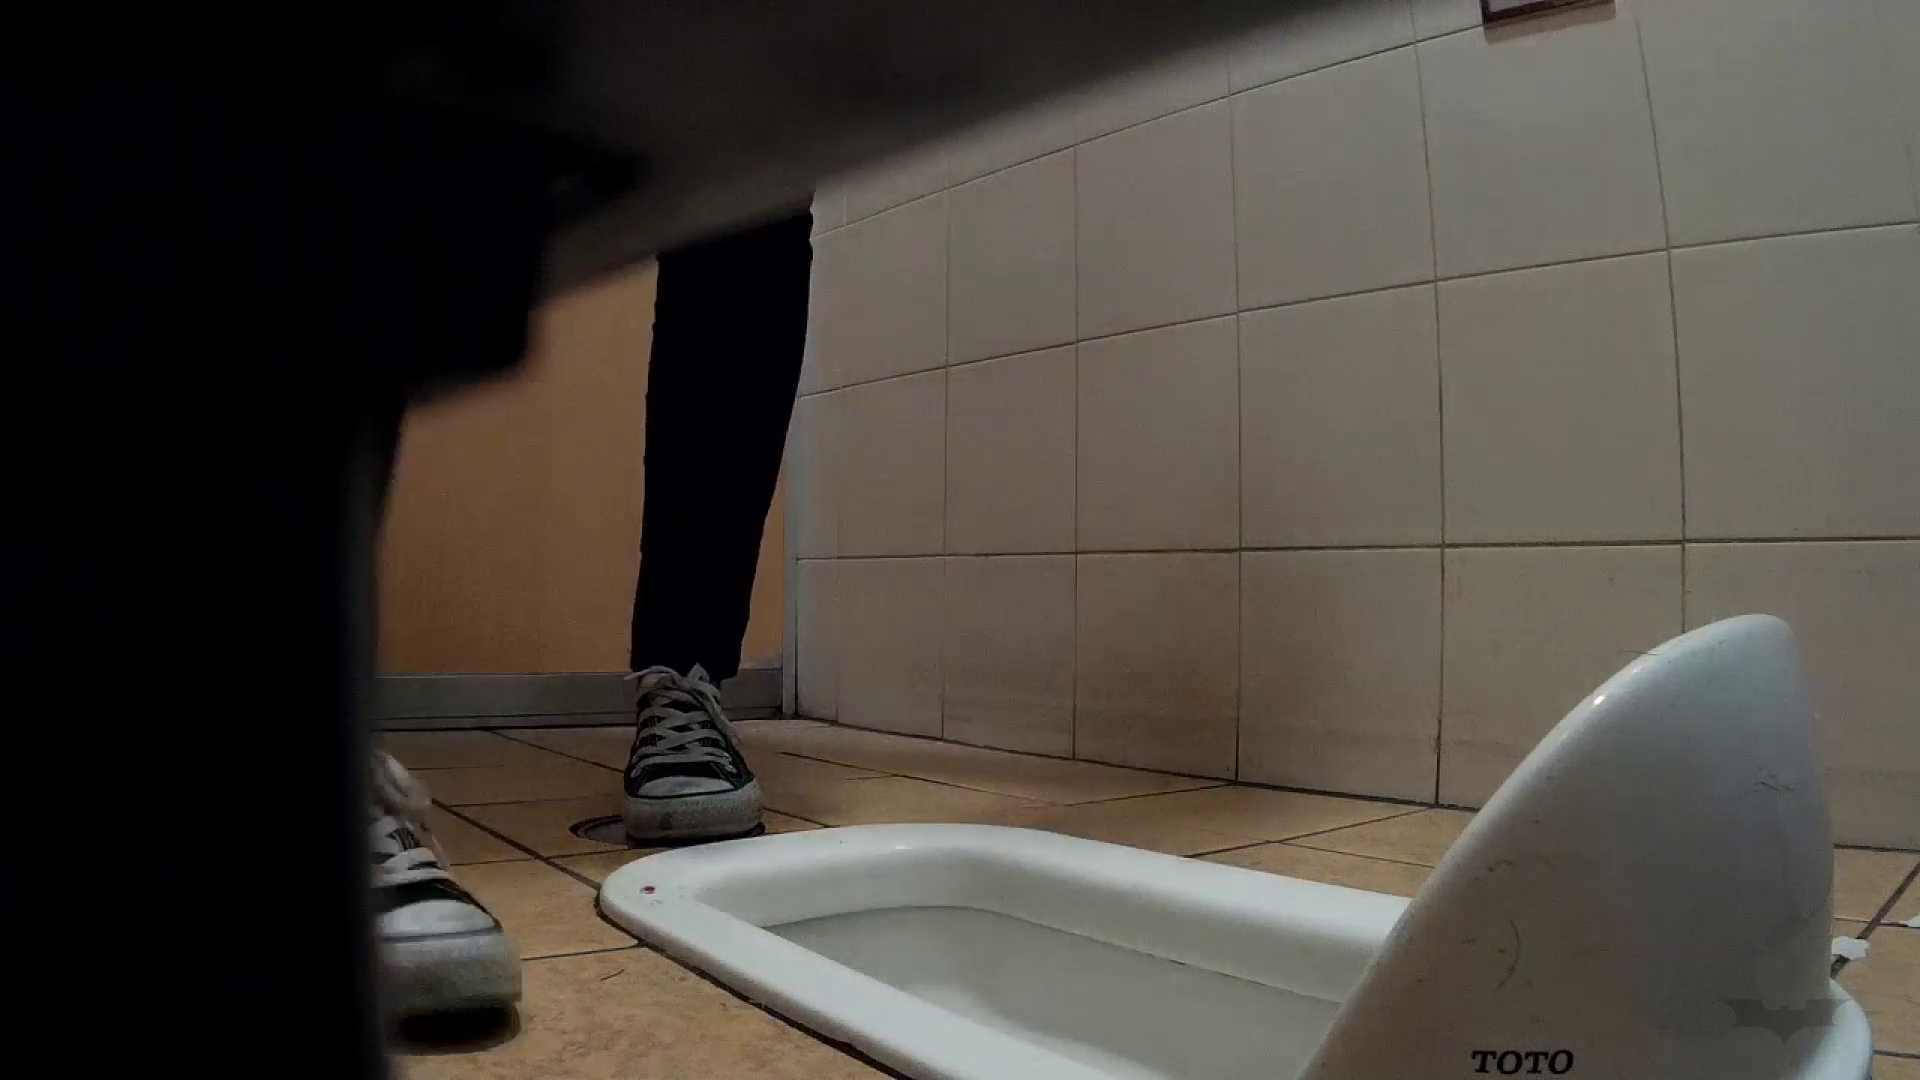 アダルトエロ動画 痴態洗面所 Vol.13 良い感じで撮れました!! 怪盗ジョーカー